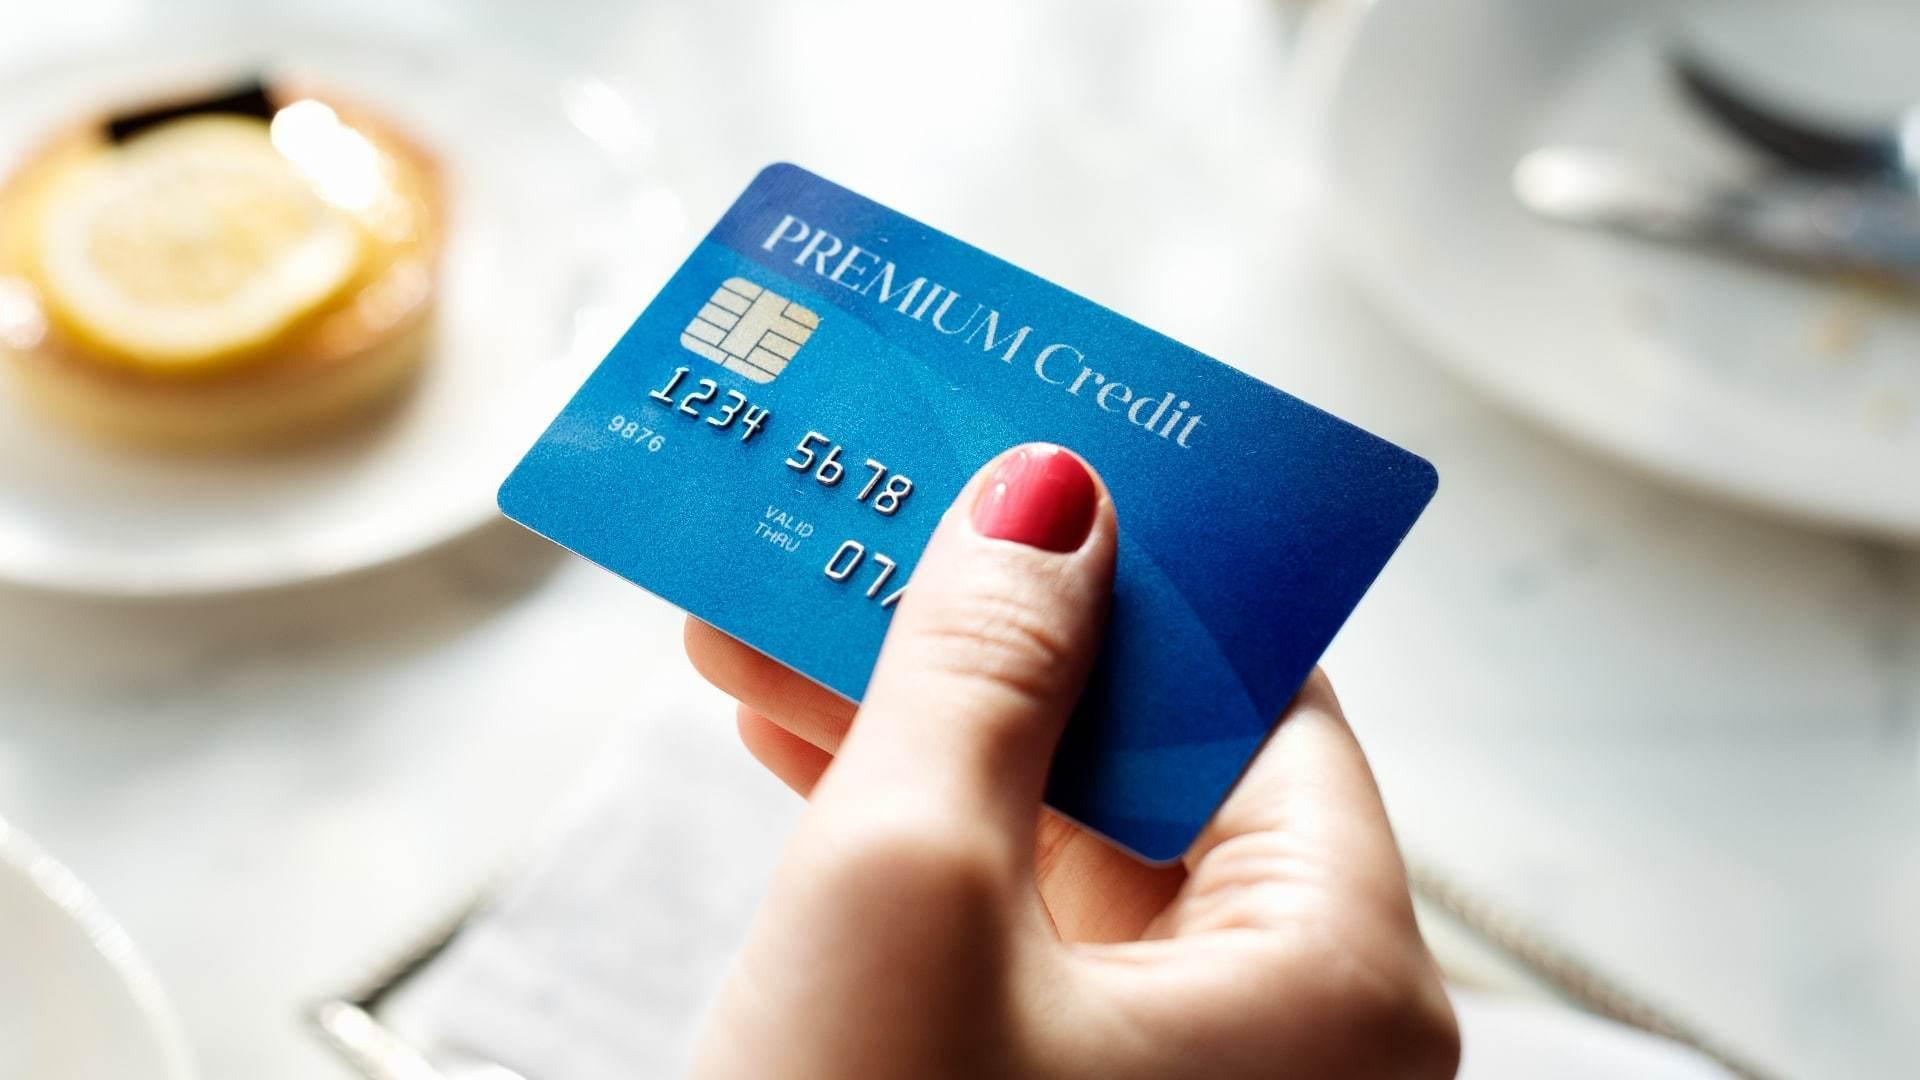 Mua sắm hoàn tiền và cách mua sắm được ưa chuộng hiện nay - Ảnh 4.